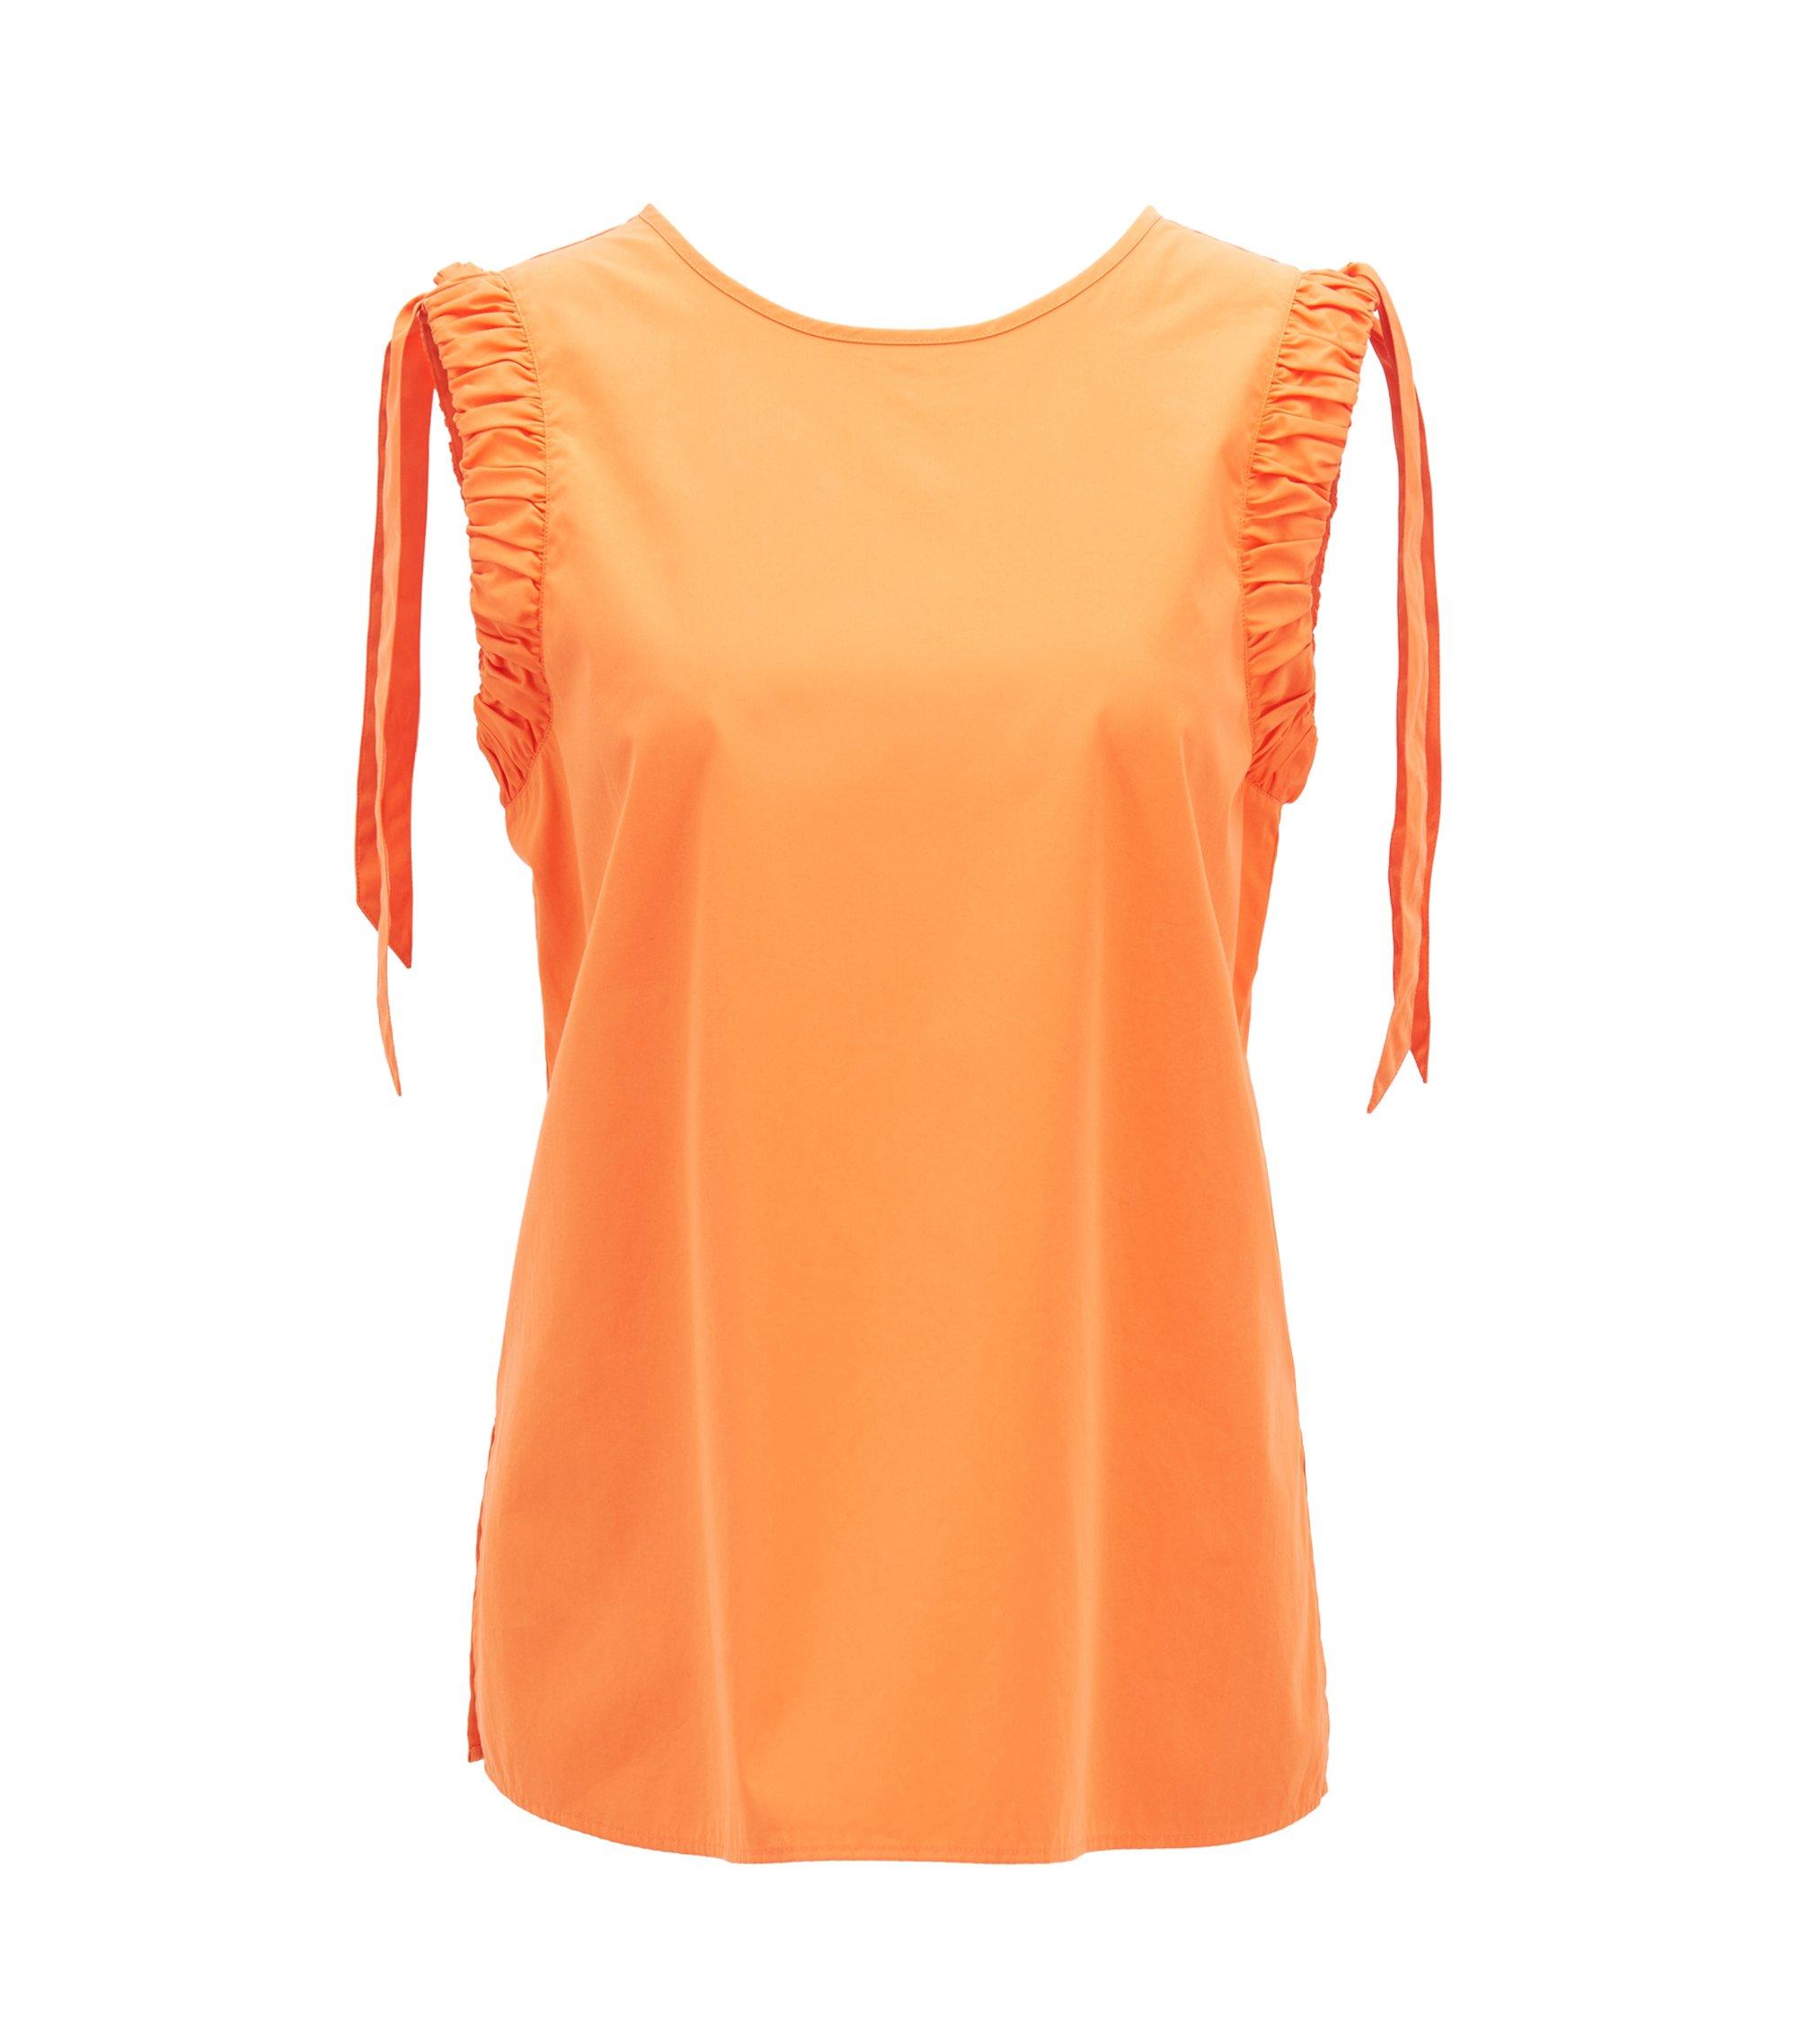 Ärmellose Regular-Fit Bluse aus Baumwolle mit gerafften Armausschnitten, Orange